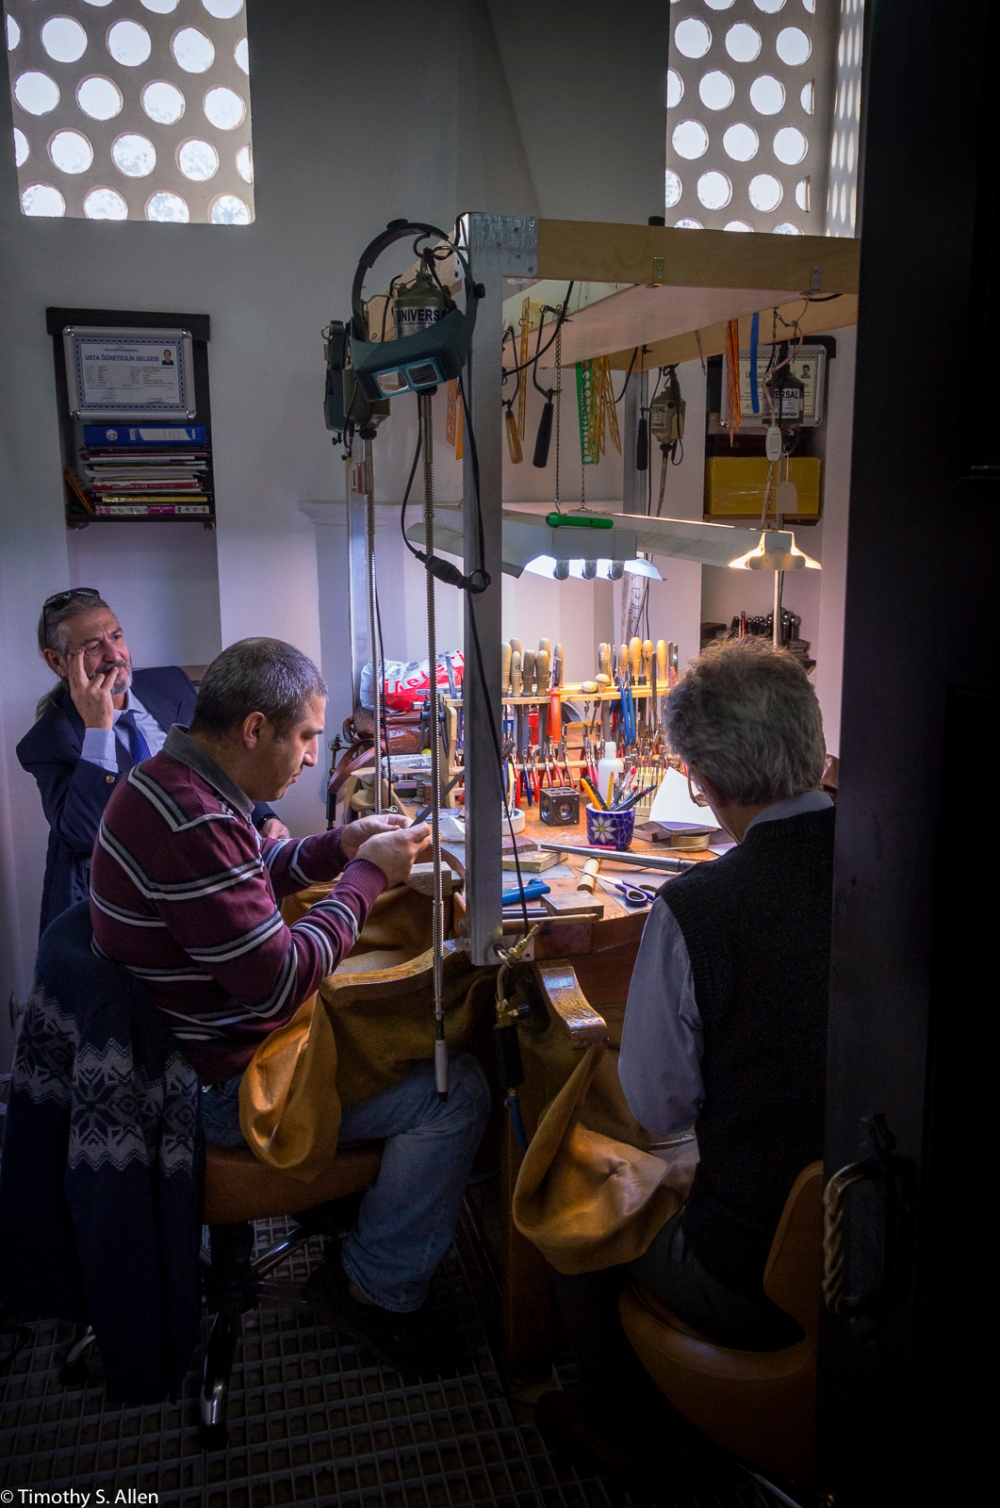 Jewelry Workshop Istanbul, Turkey November 21, 2015